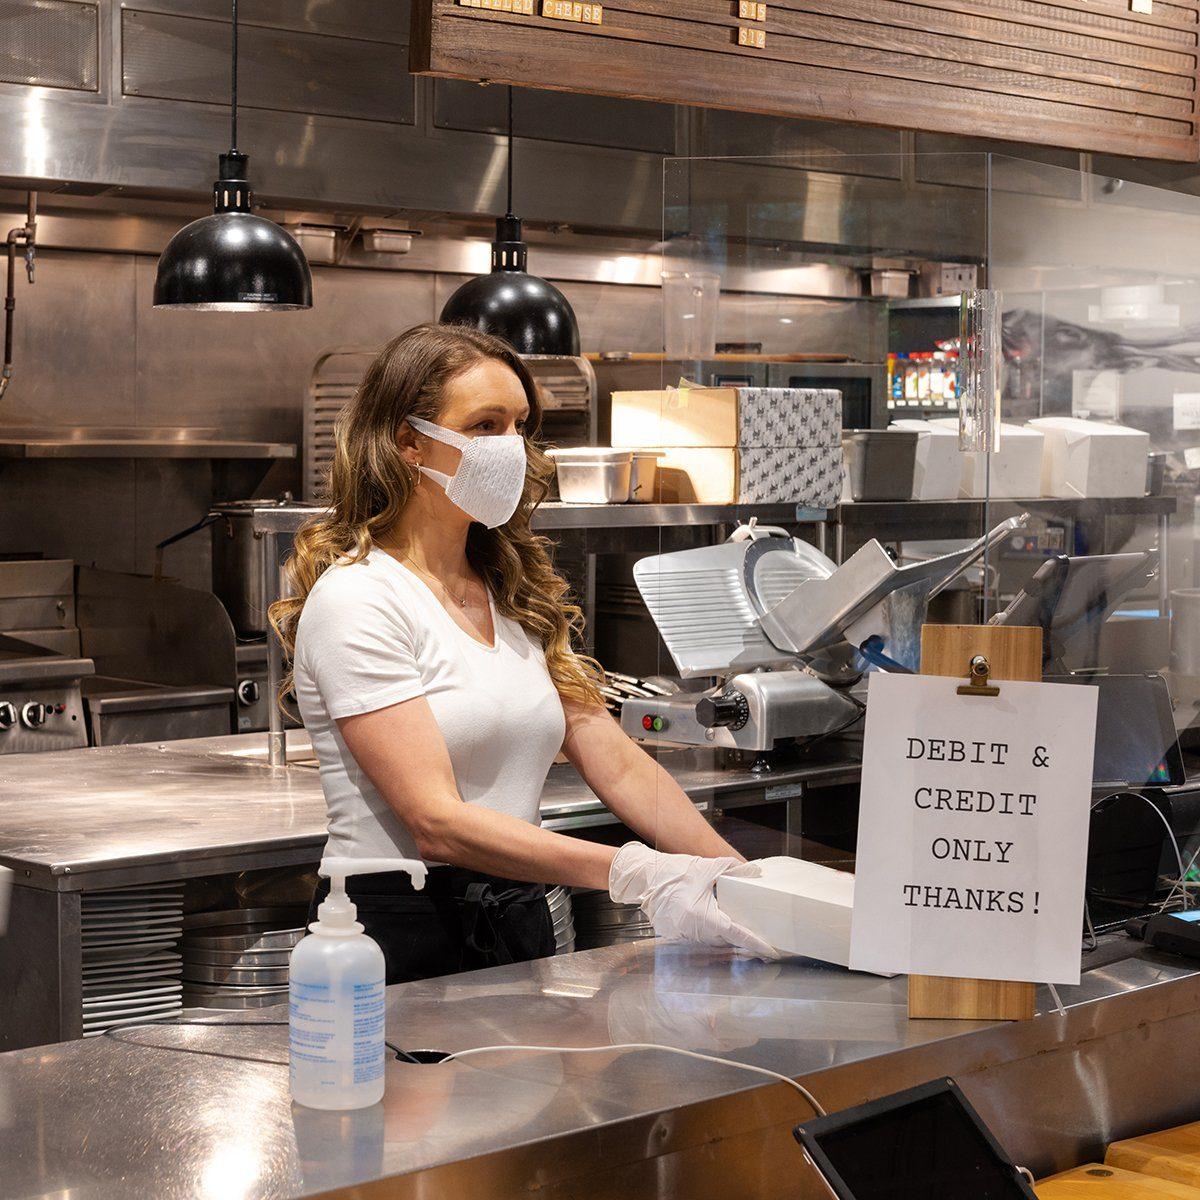 woman working in a restaurant kitchen